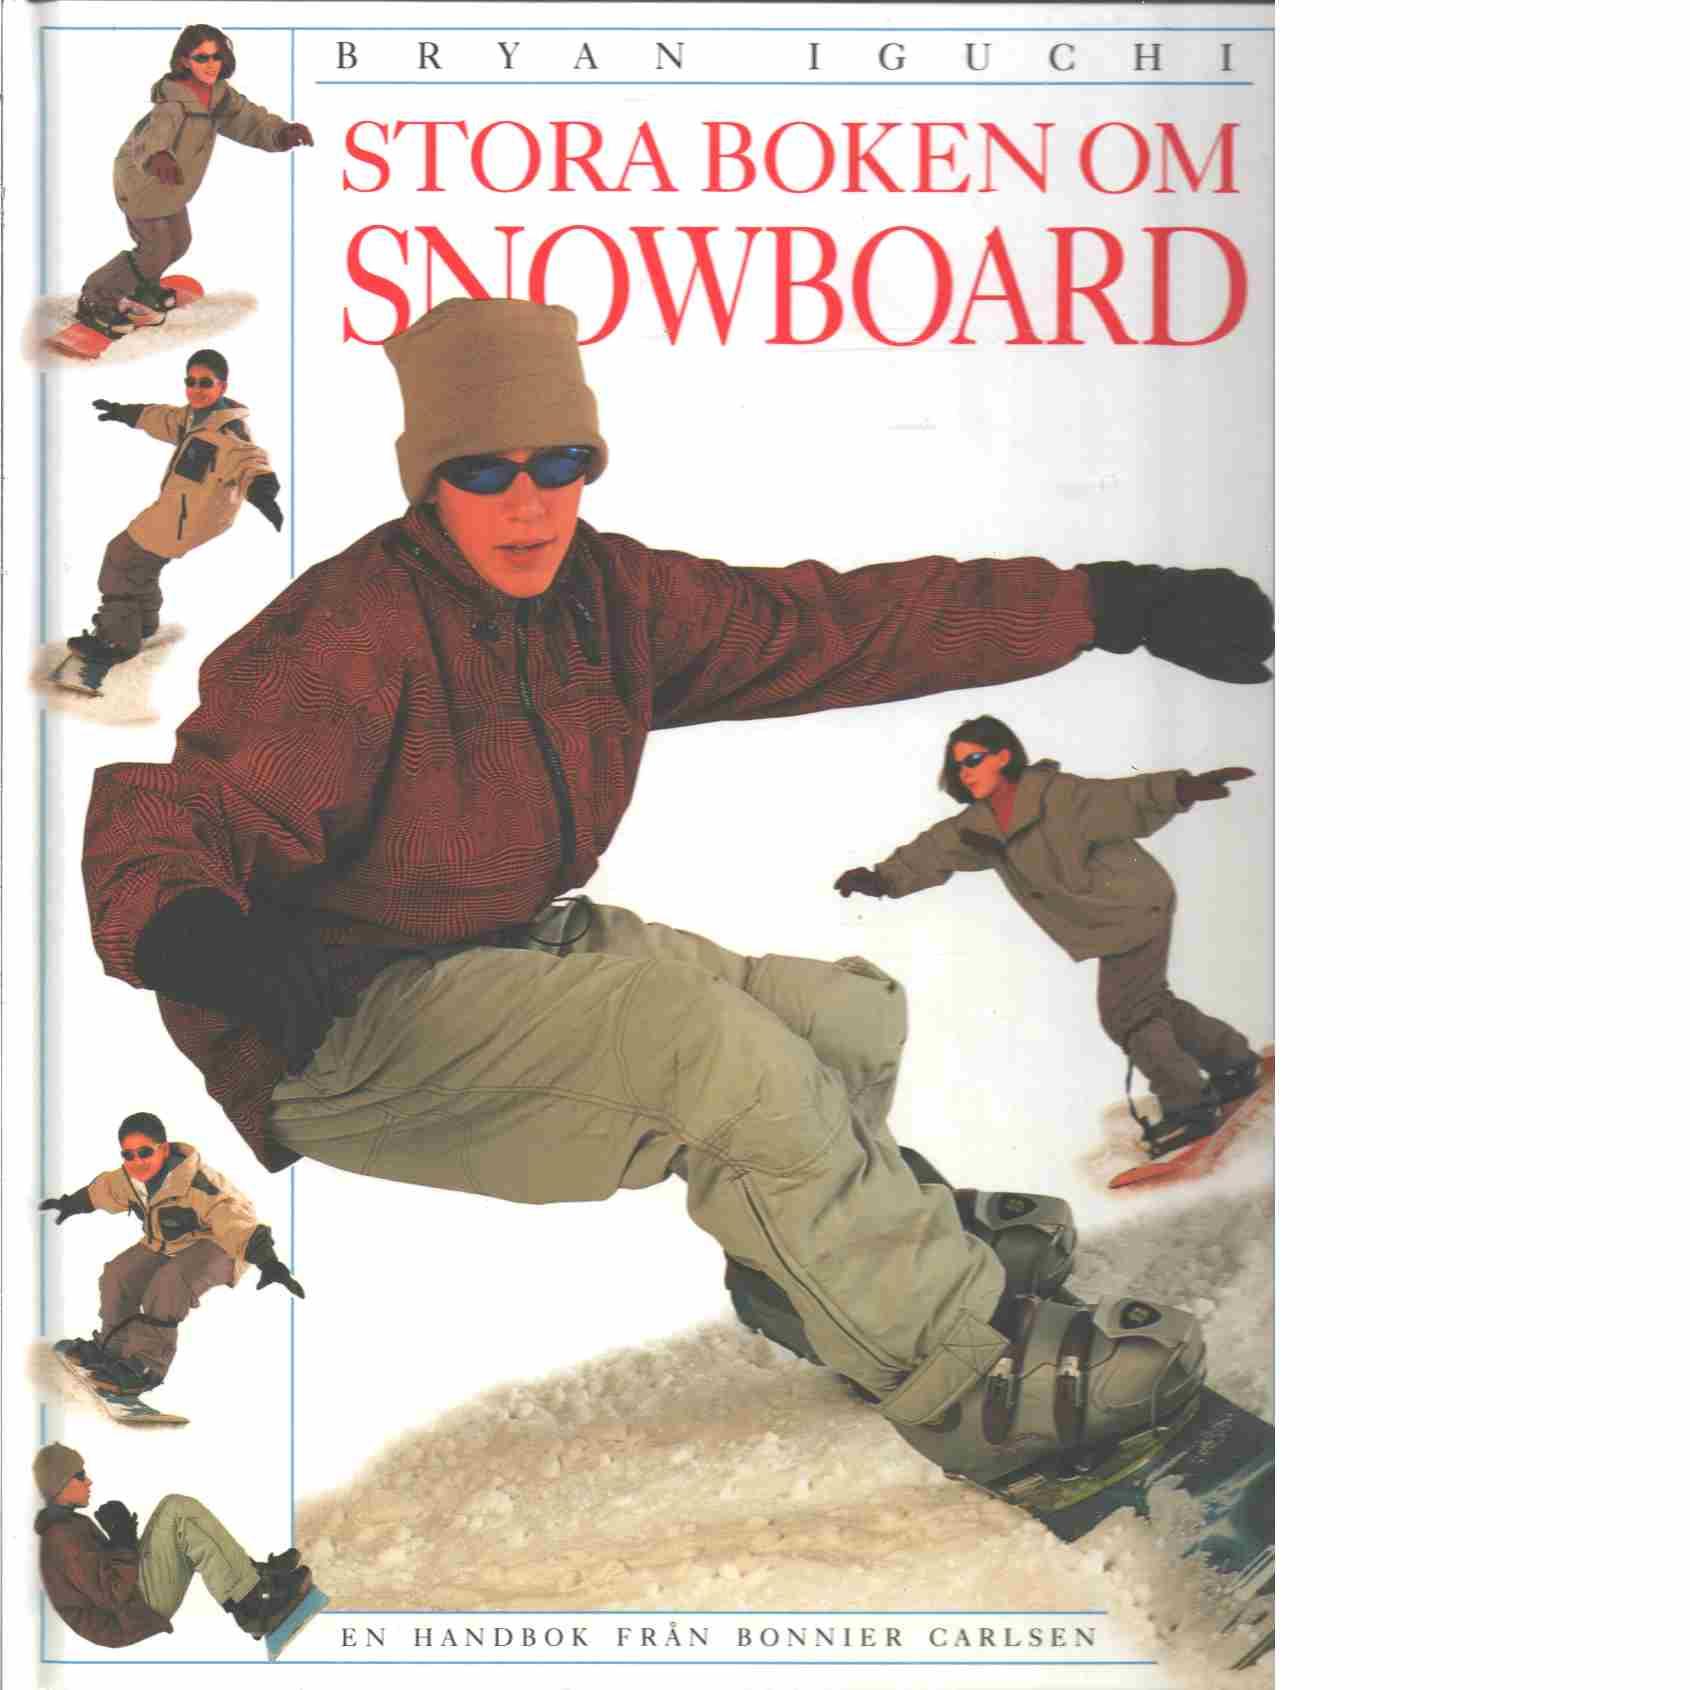 Stora boken om snowboard - Iguchi, Bryan